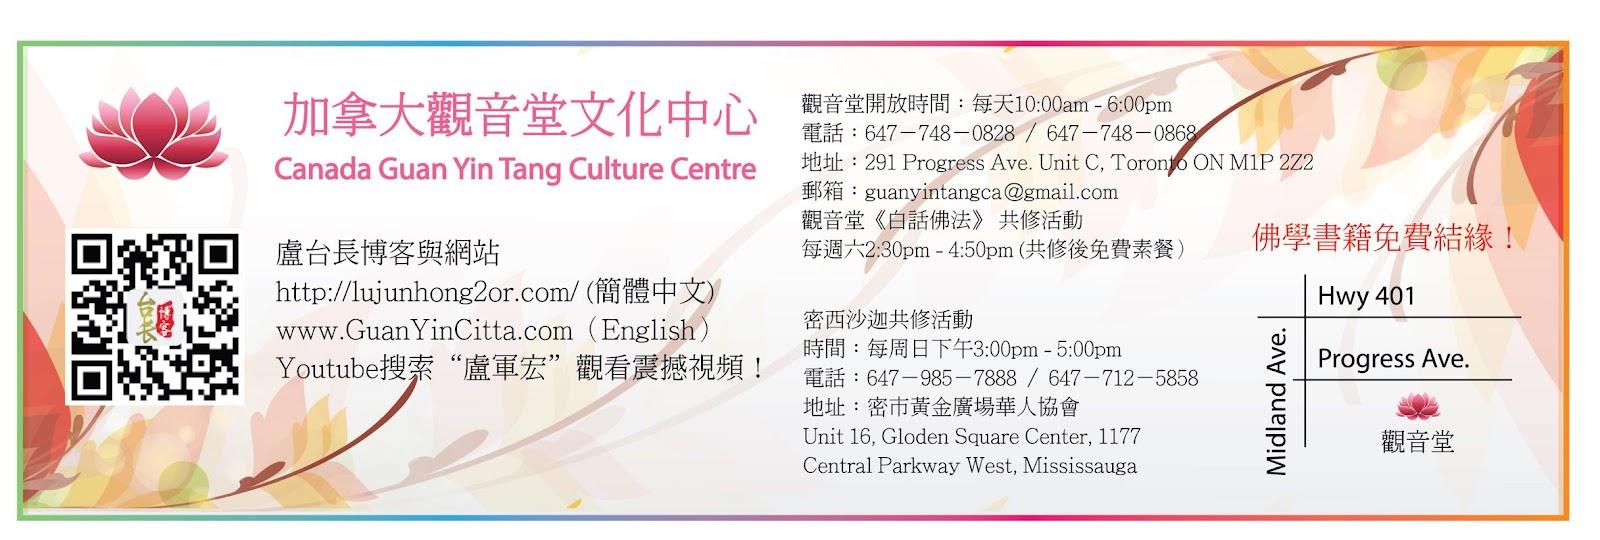 WeChat Image_20170506235136.jpg